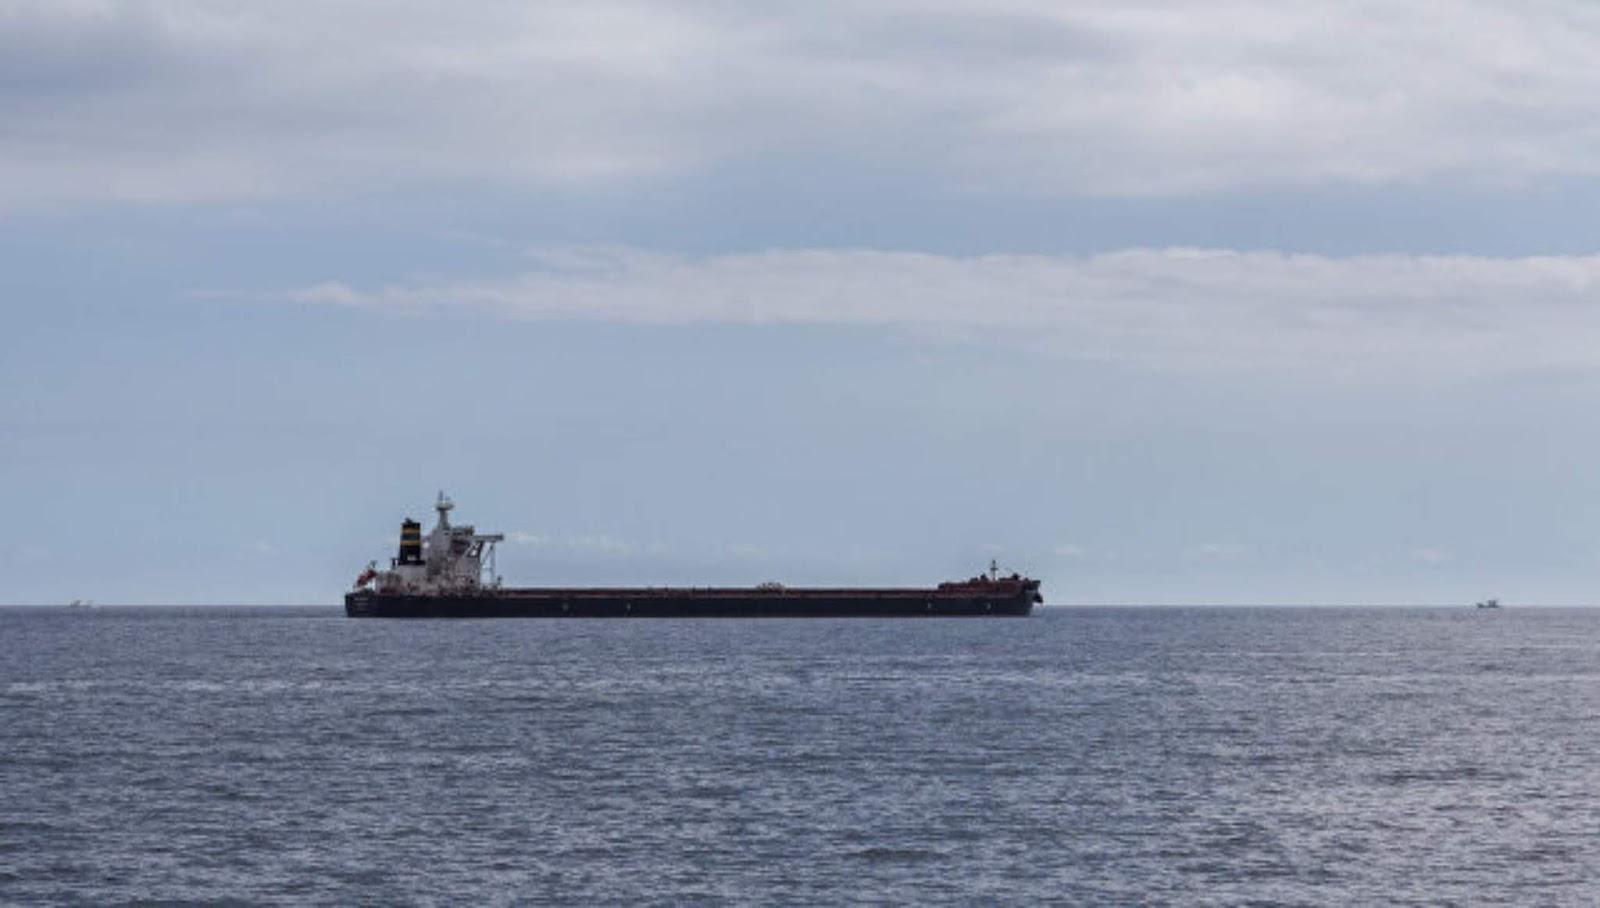 Koalisi Arab melaporkan penembakan kapal tanker Saudi oleh Houthi